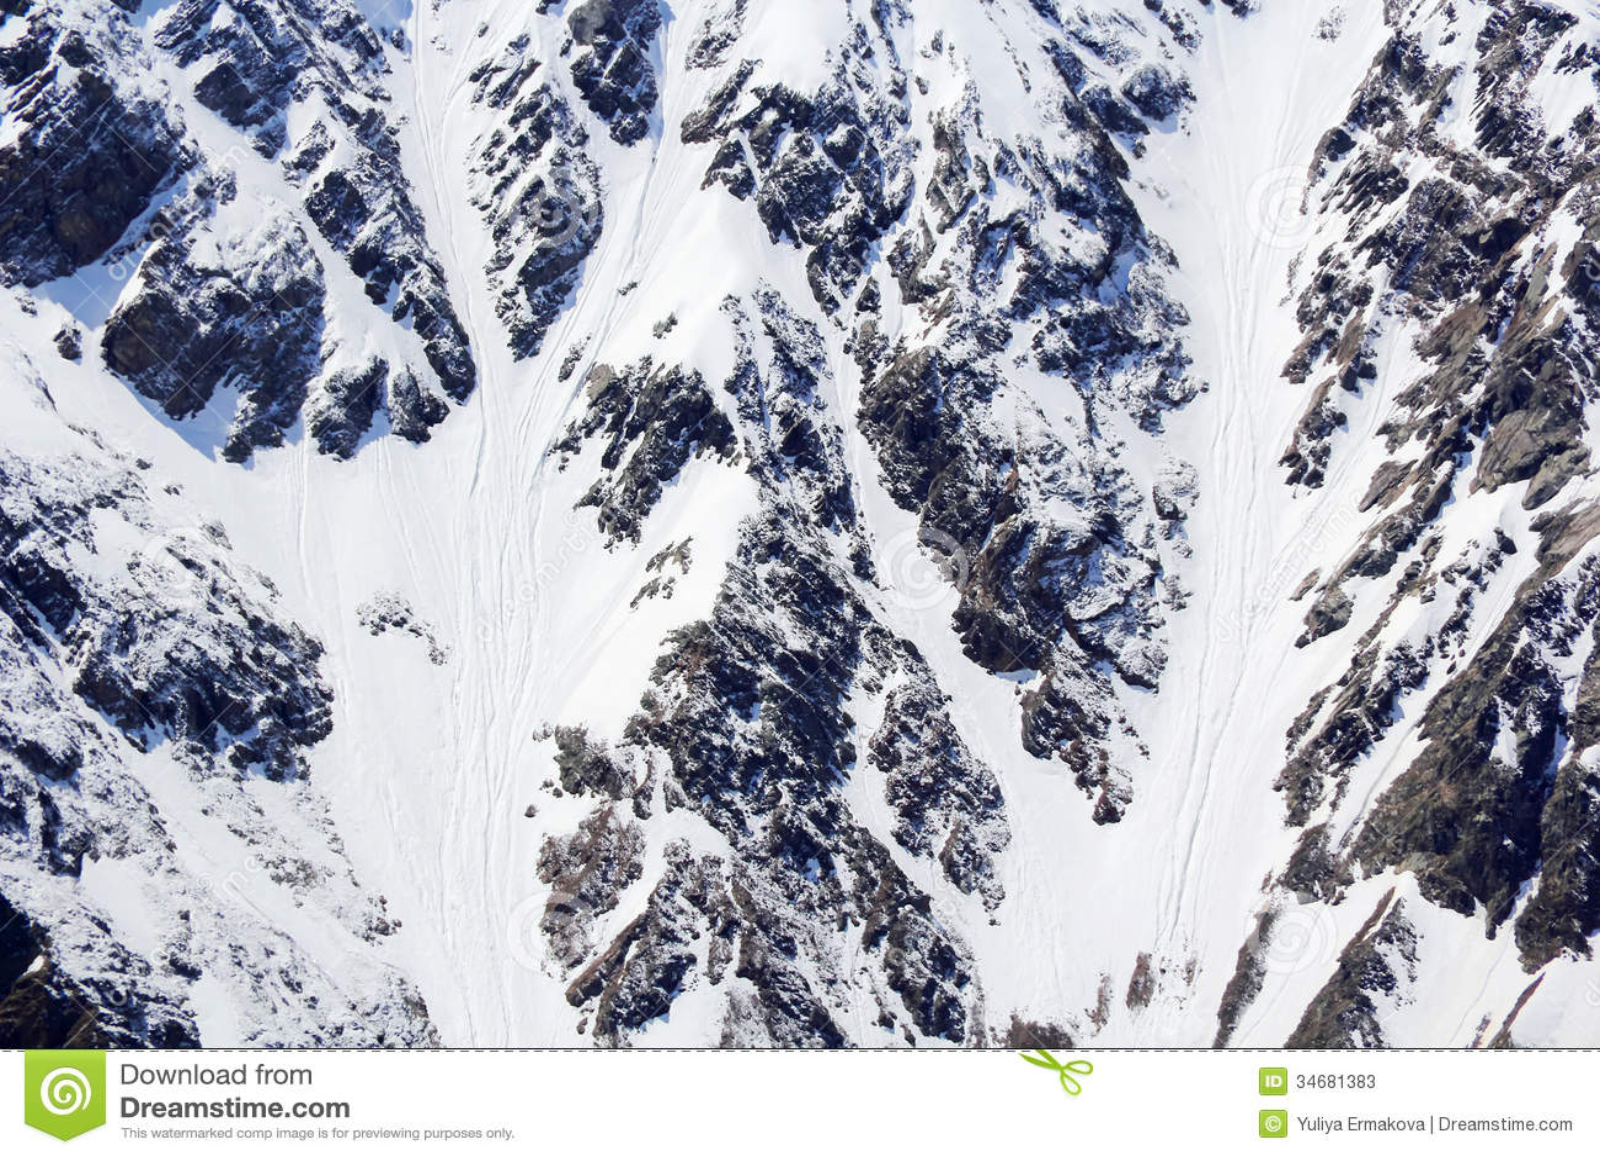 Snow mountains texture